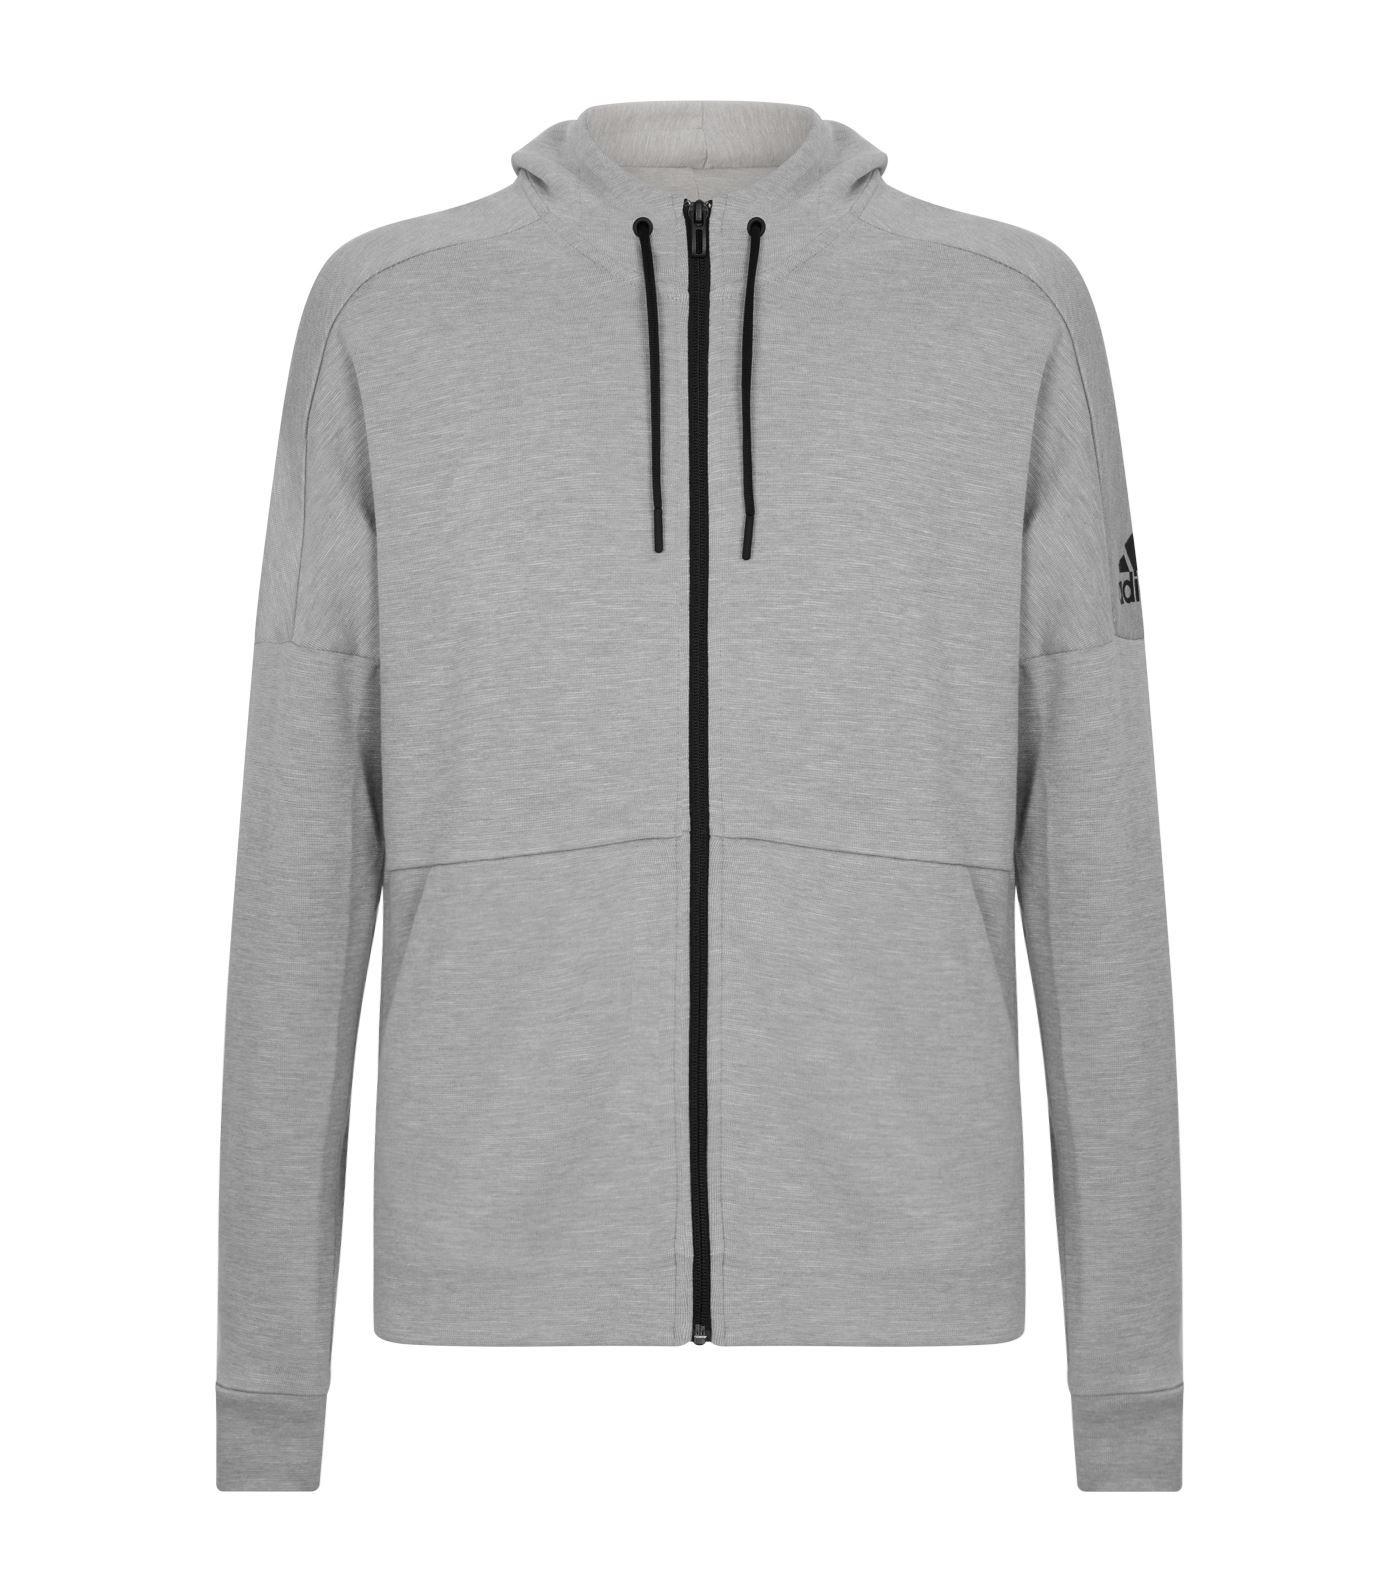 Predownload: Adidas Originals Id Stadium Zip Up Hoodie In Grey Modesens Zip Ups Adidas Design Hoodies [ 1592 x 1400 Pixel ]